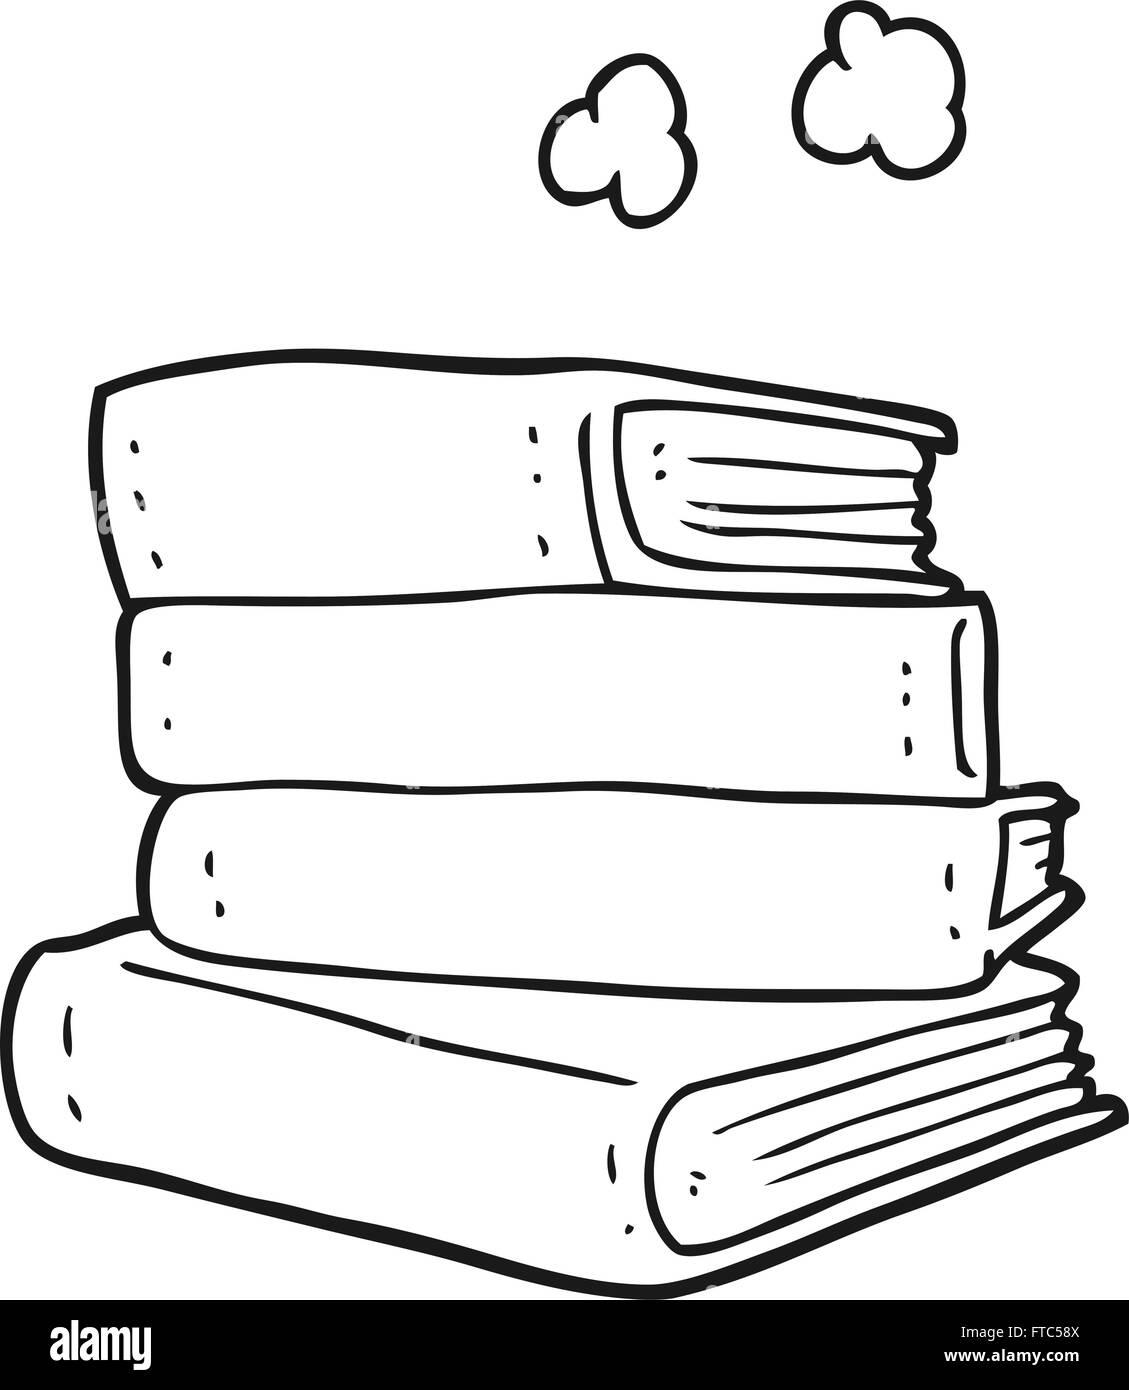 Ausgezeichnet Stapel Bücher Malvorlagen Galerie ...